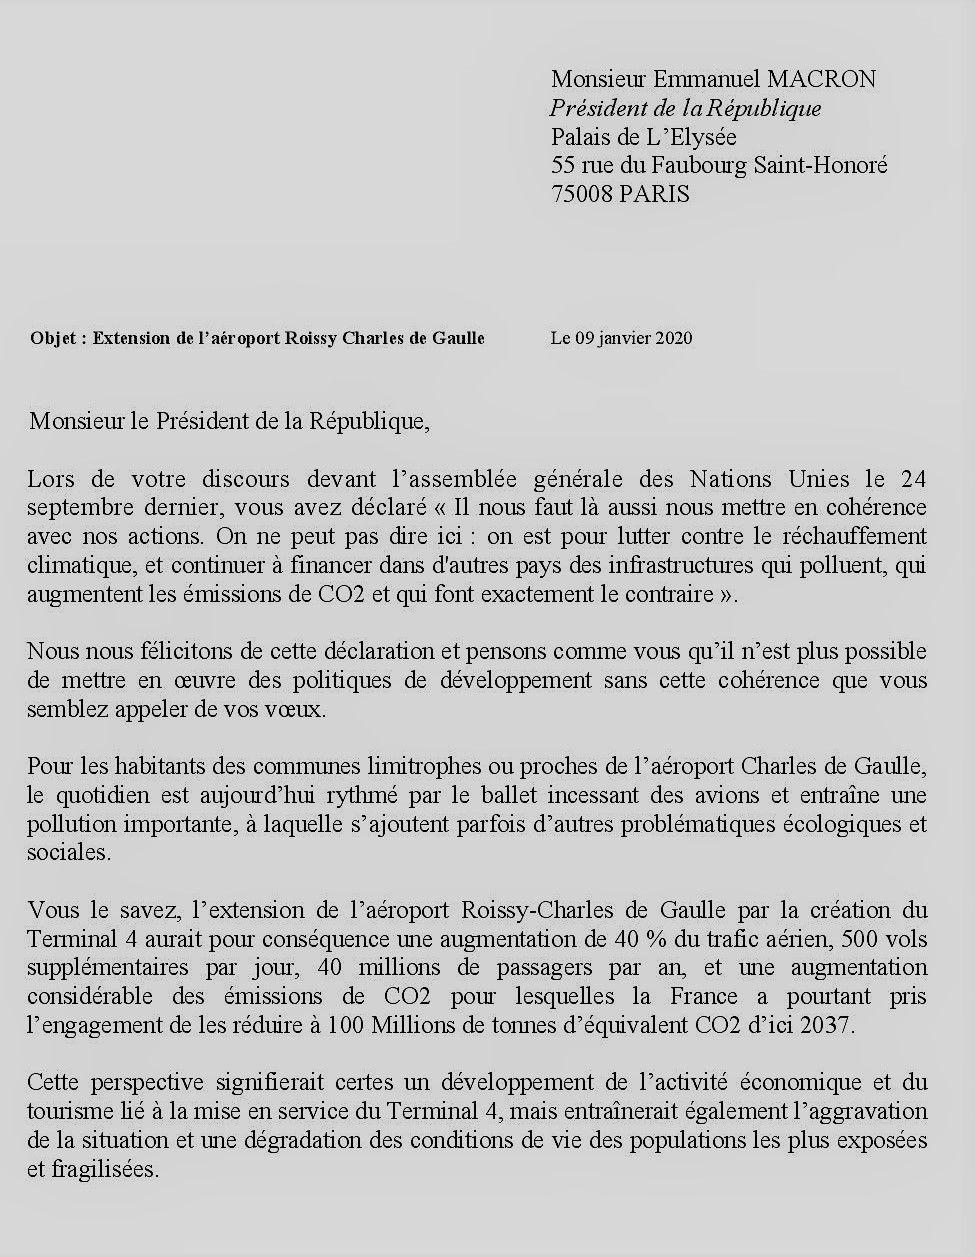 Communauté de communes du pays de Valois : Plus d'une trentaine d'élus du Val d'Oise refusent le projet du futur terminal 4 de Roissy CDG